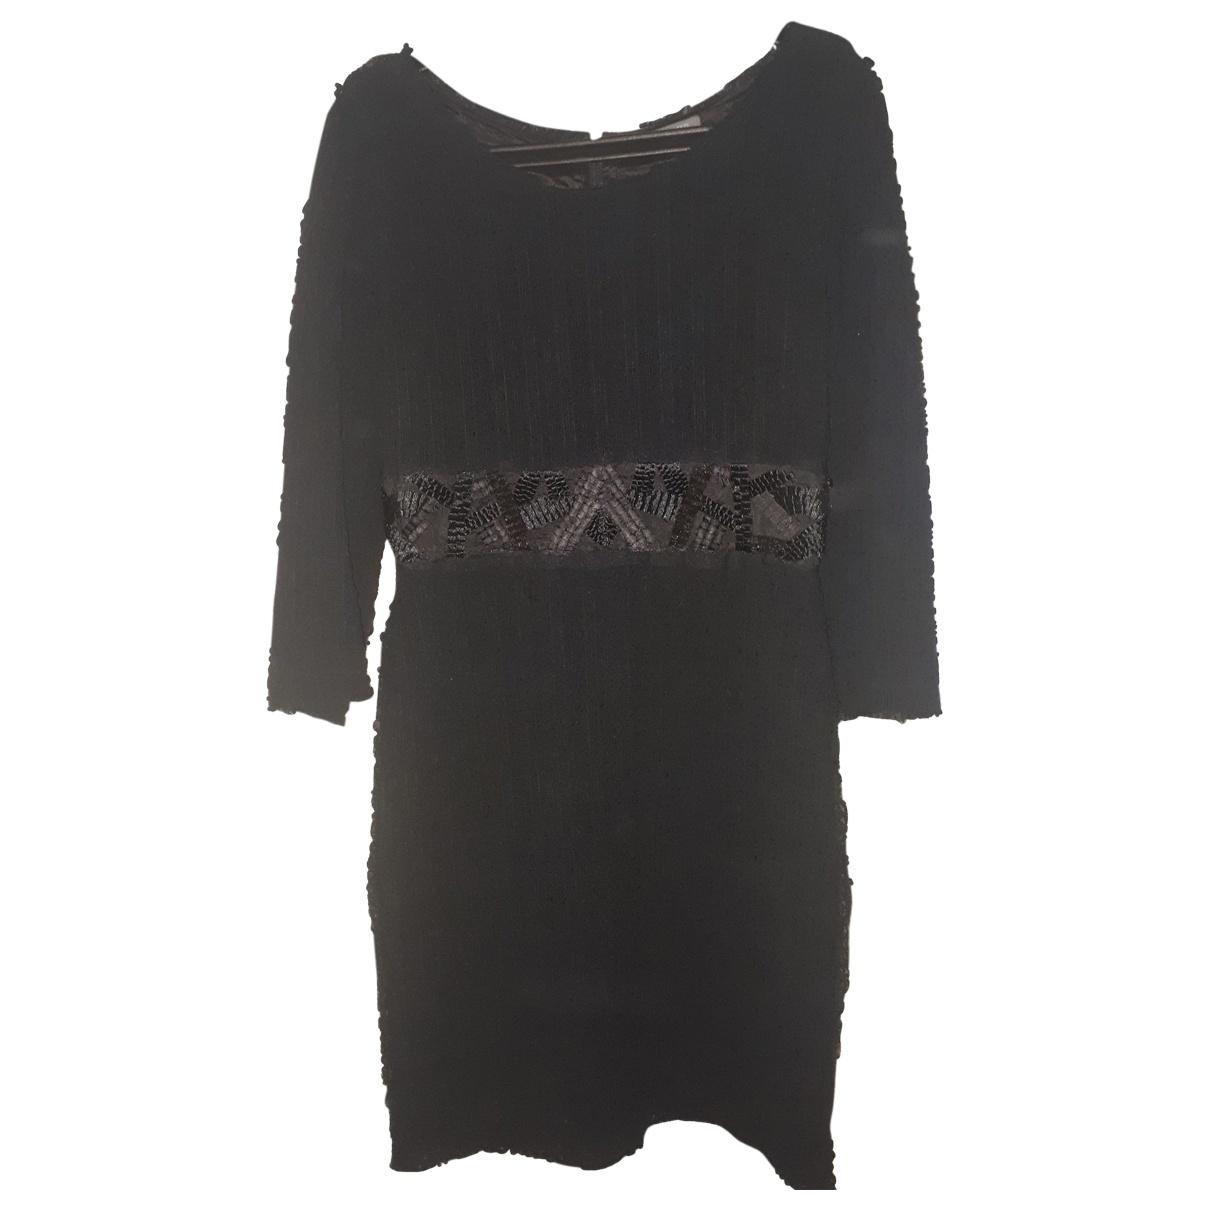 Alberta Ferretti \N Black Silk dress for Women 40 IT